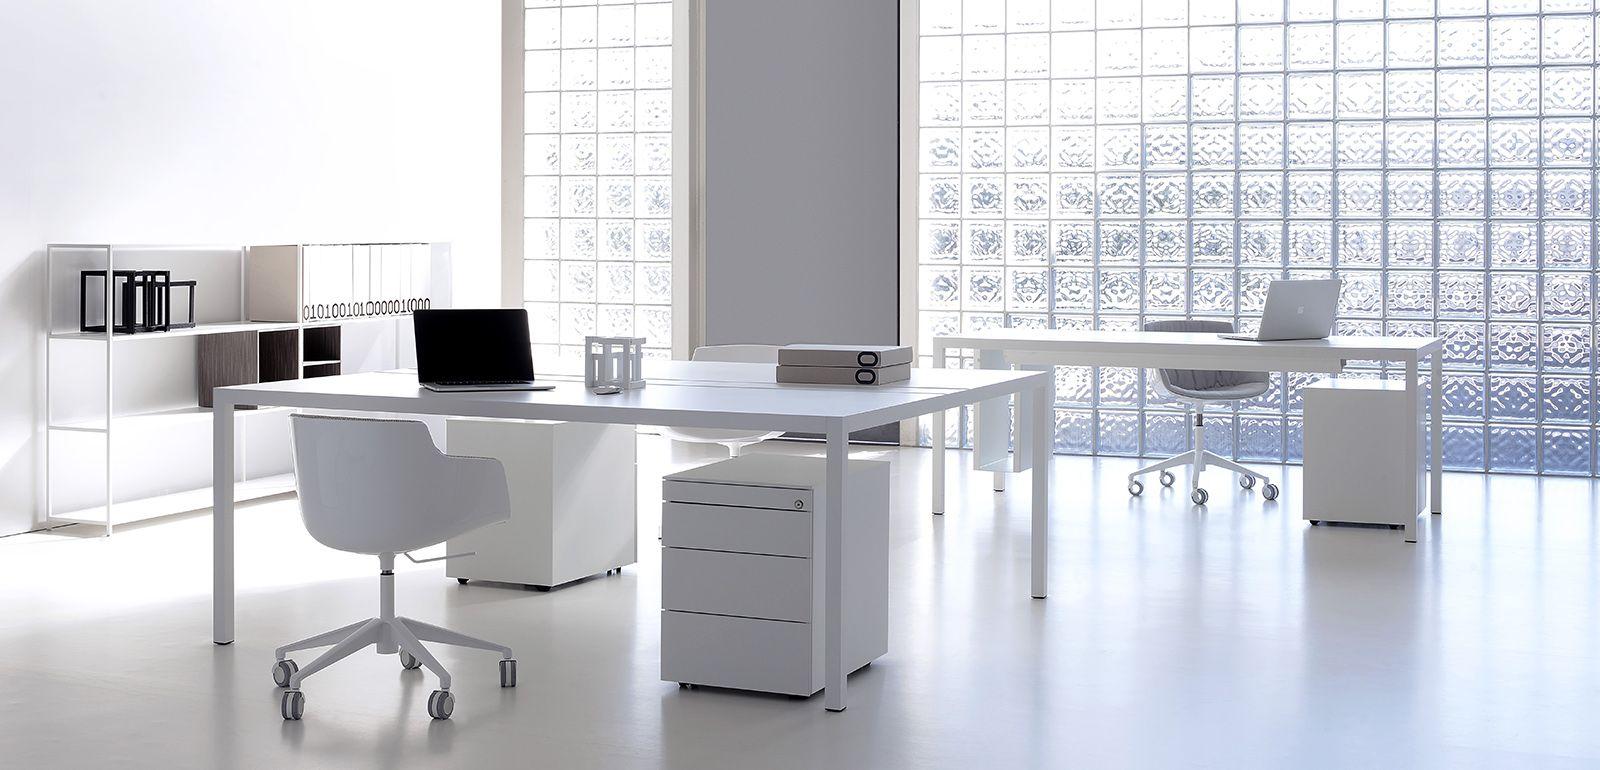 bruno fattorini francesco bettoni bureau desk 3 0